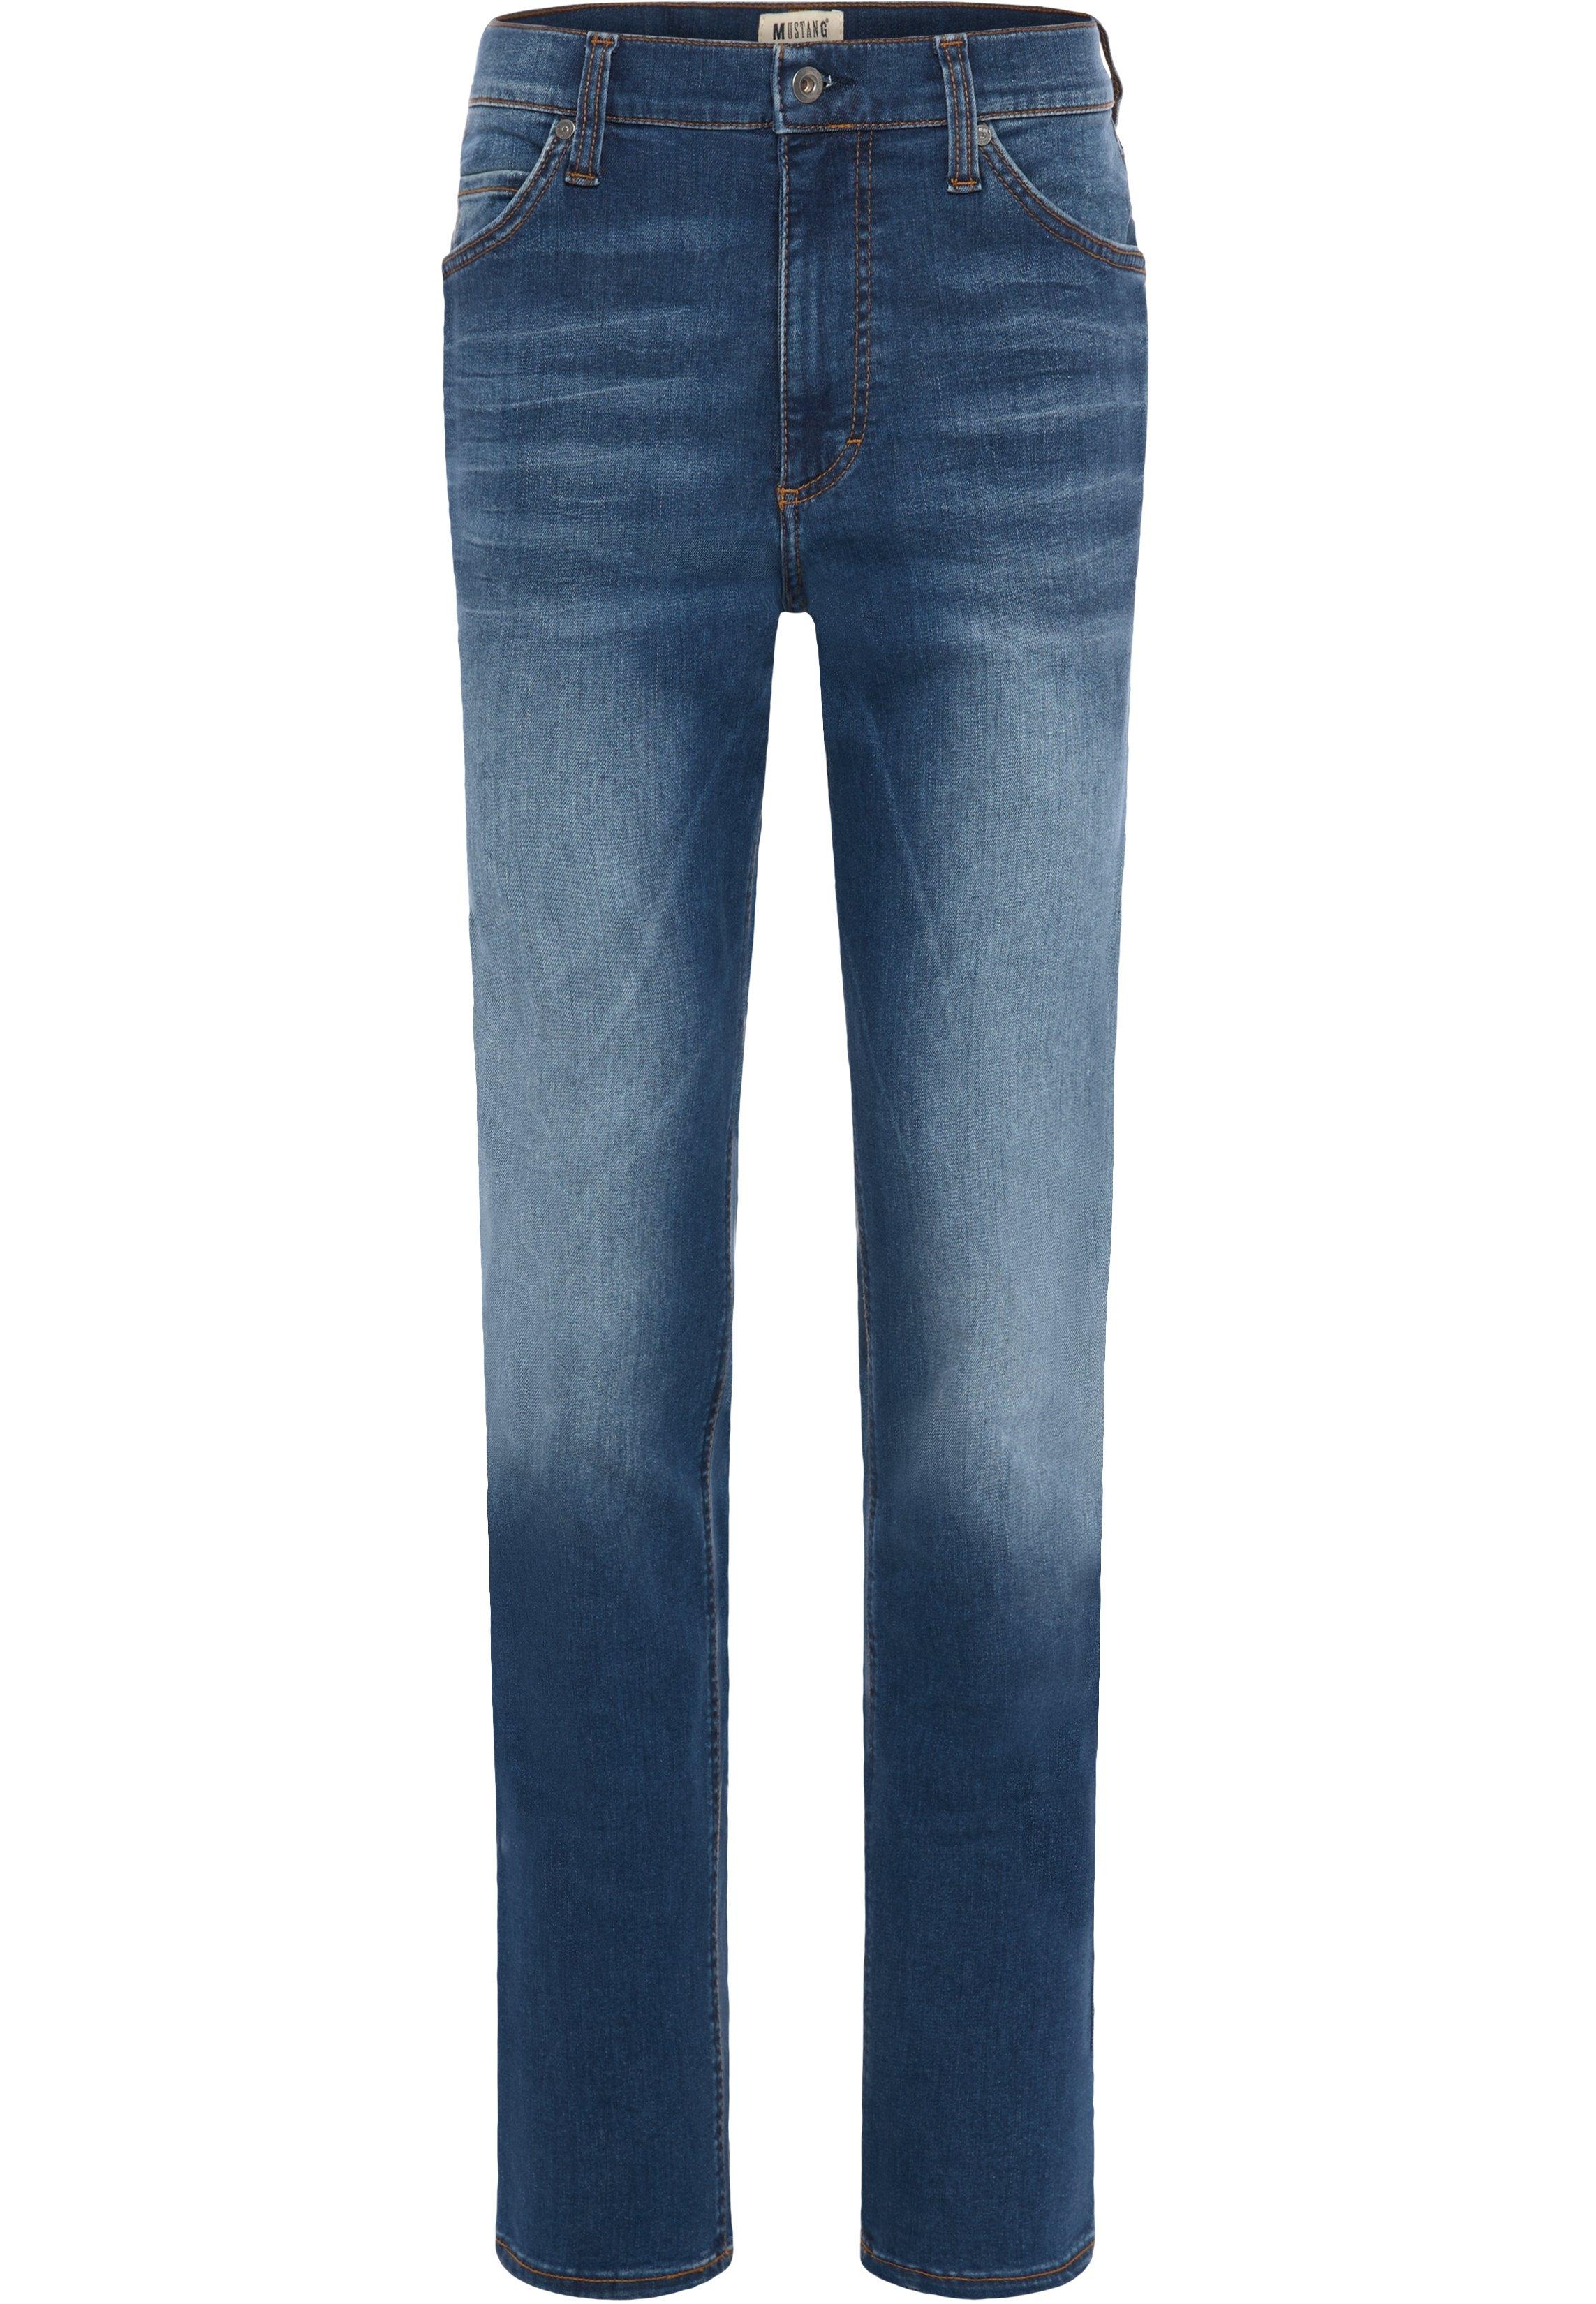 MUSTANG jeans »Tramper Tapered« voordelig en veilig online kopen